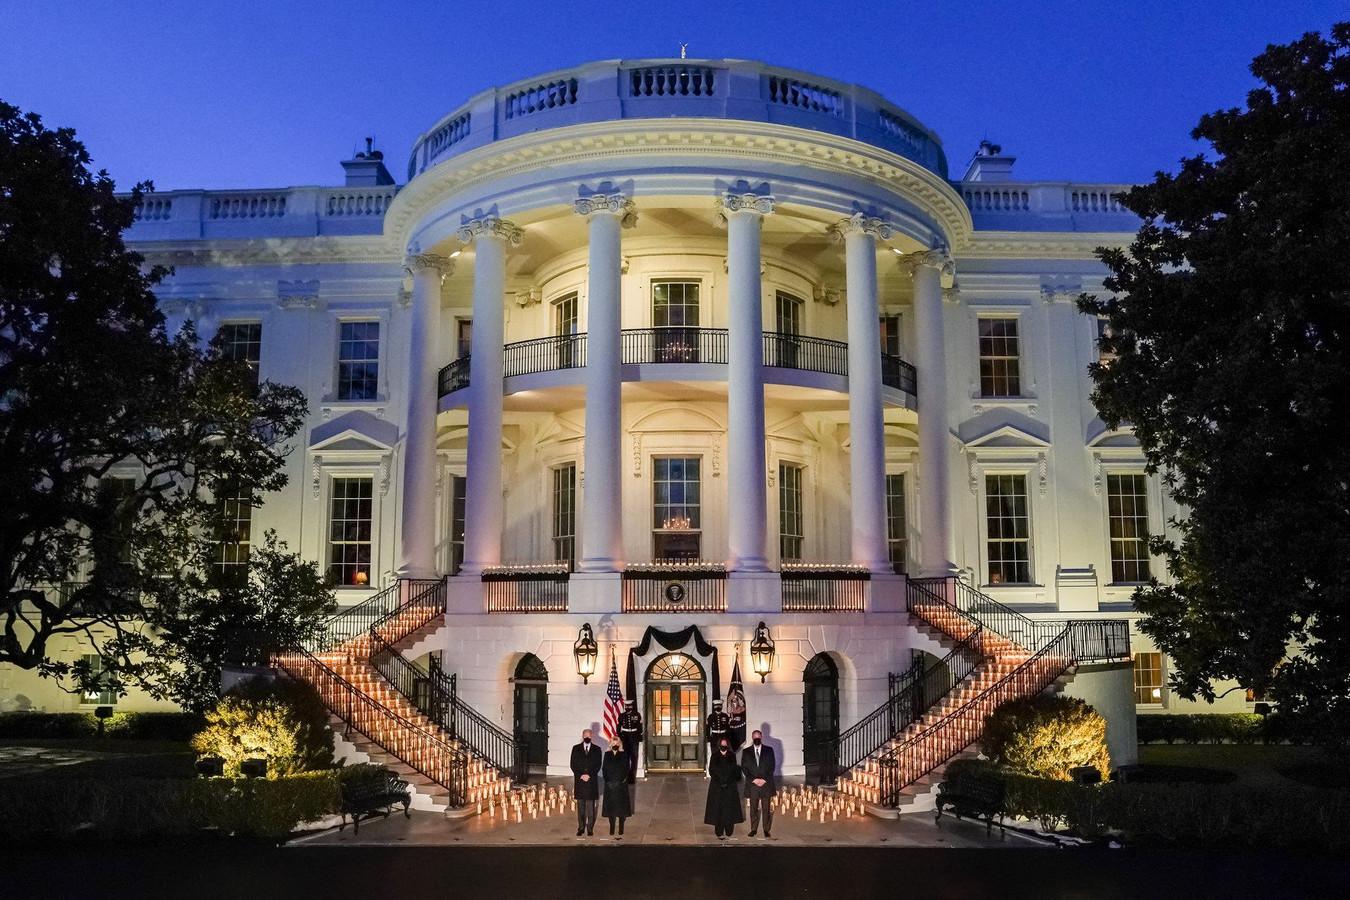 Het Witte Huis in Washington, D.C.